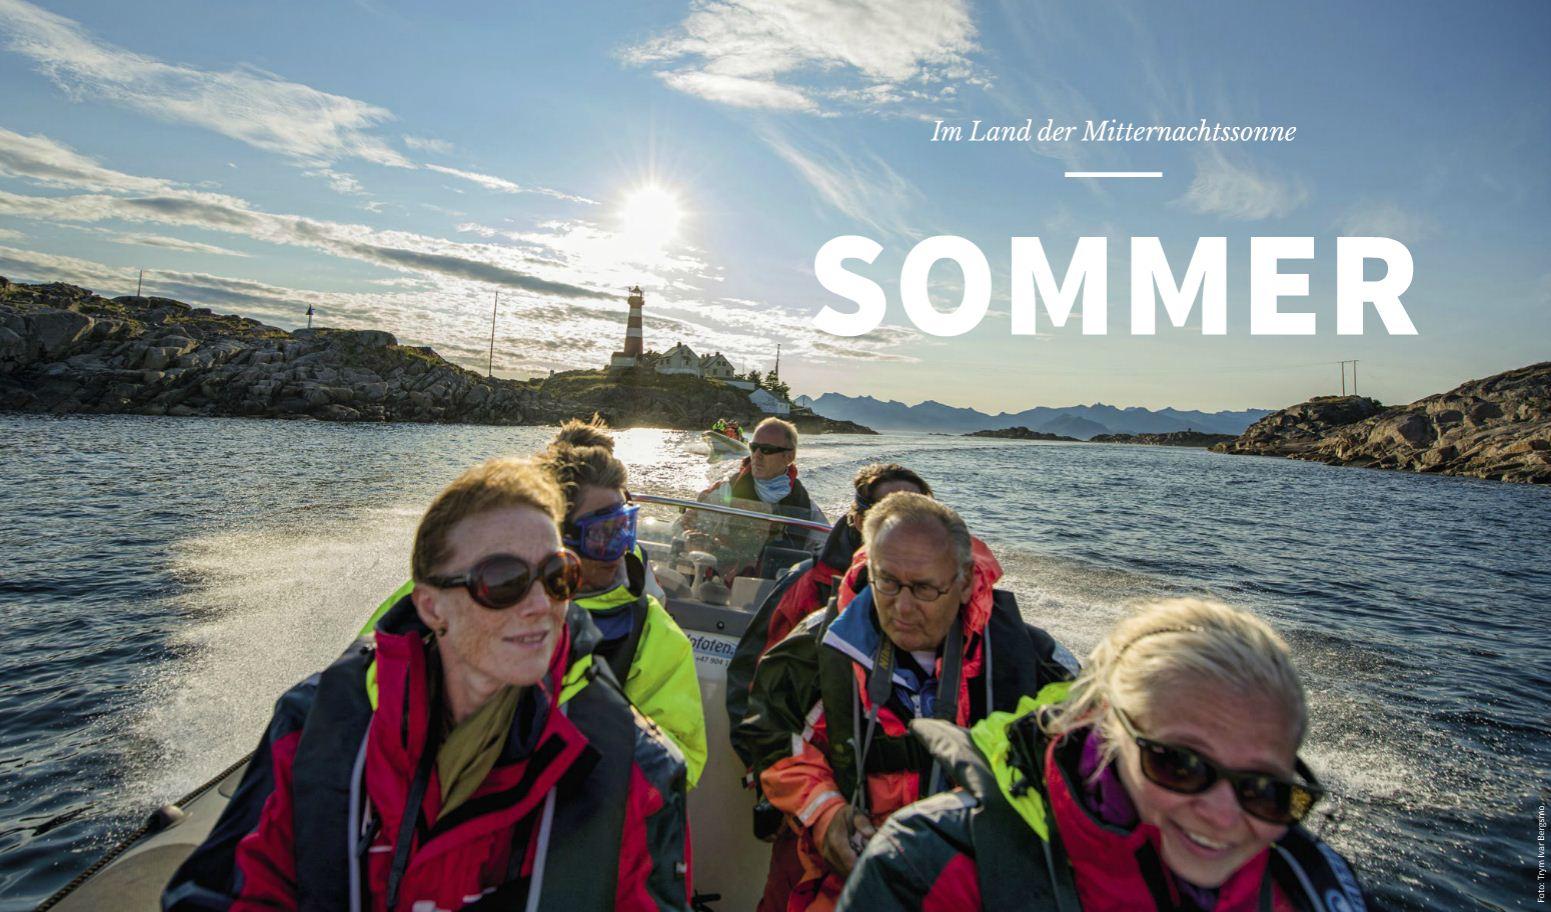 Der Sommer mit Hurtigruten Postschiffreisen